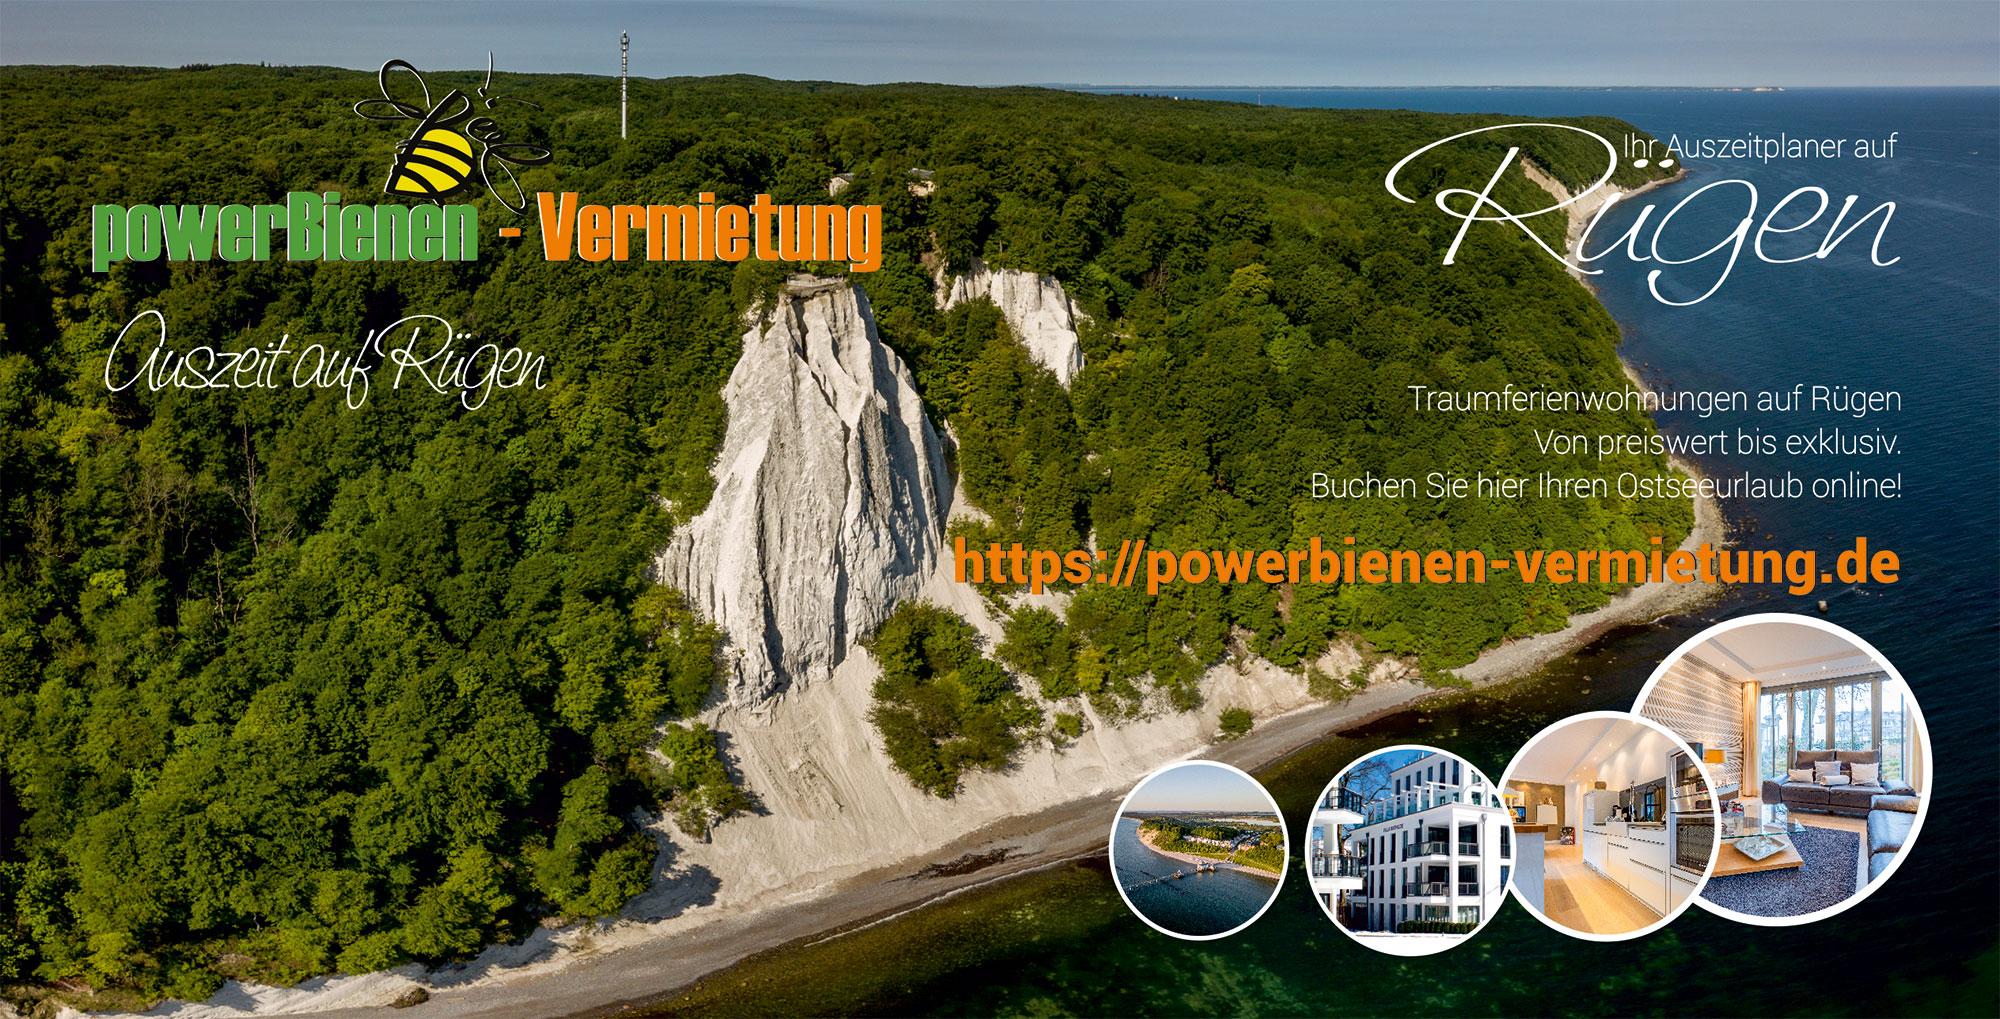 Flyer powerBienen Vermietung, Putbus - Vermietung von Ferienwohnungen